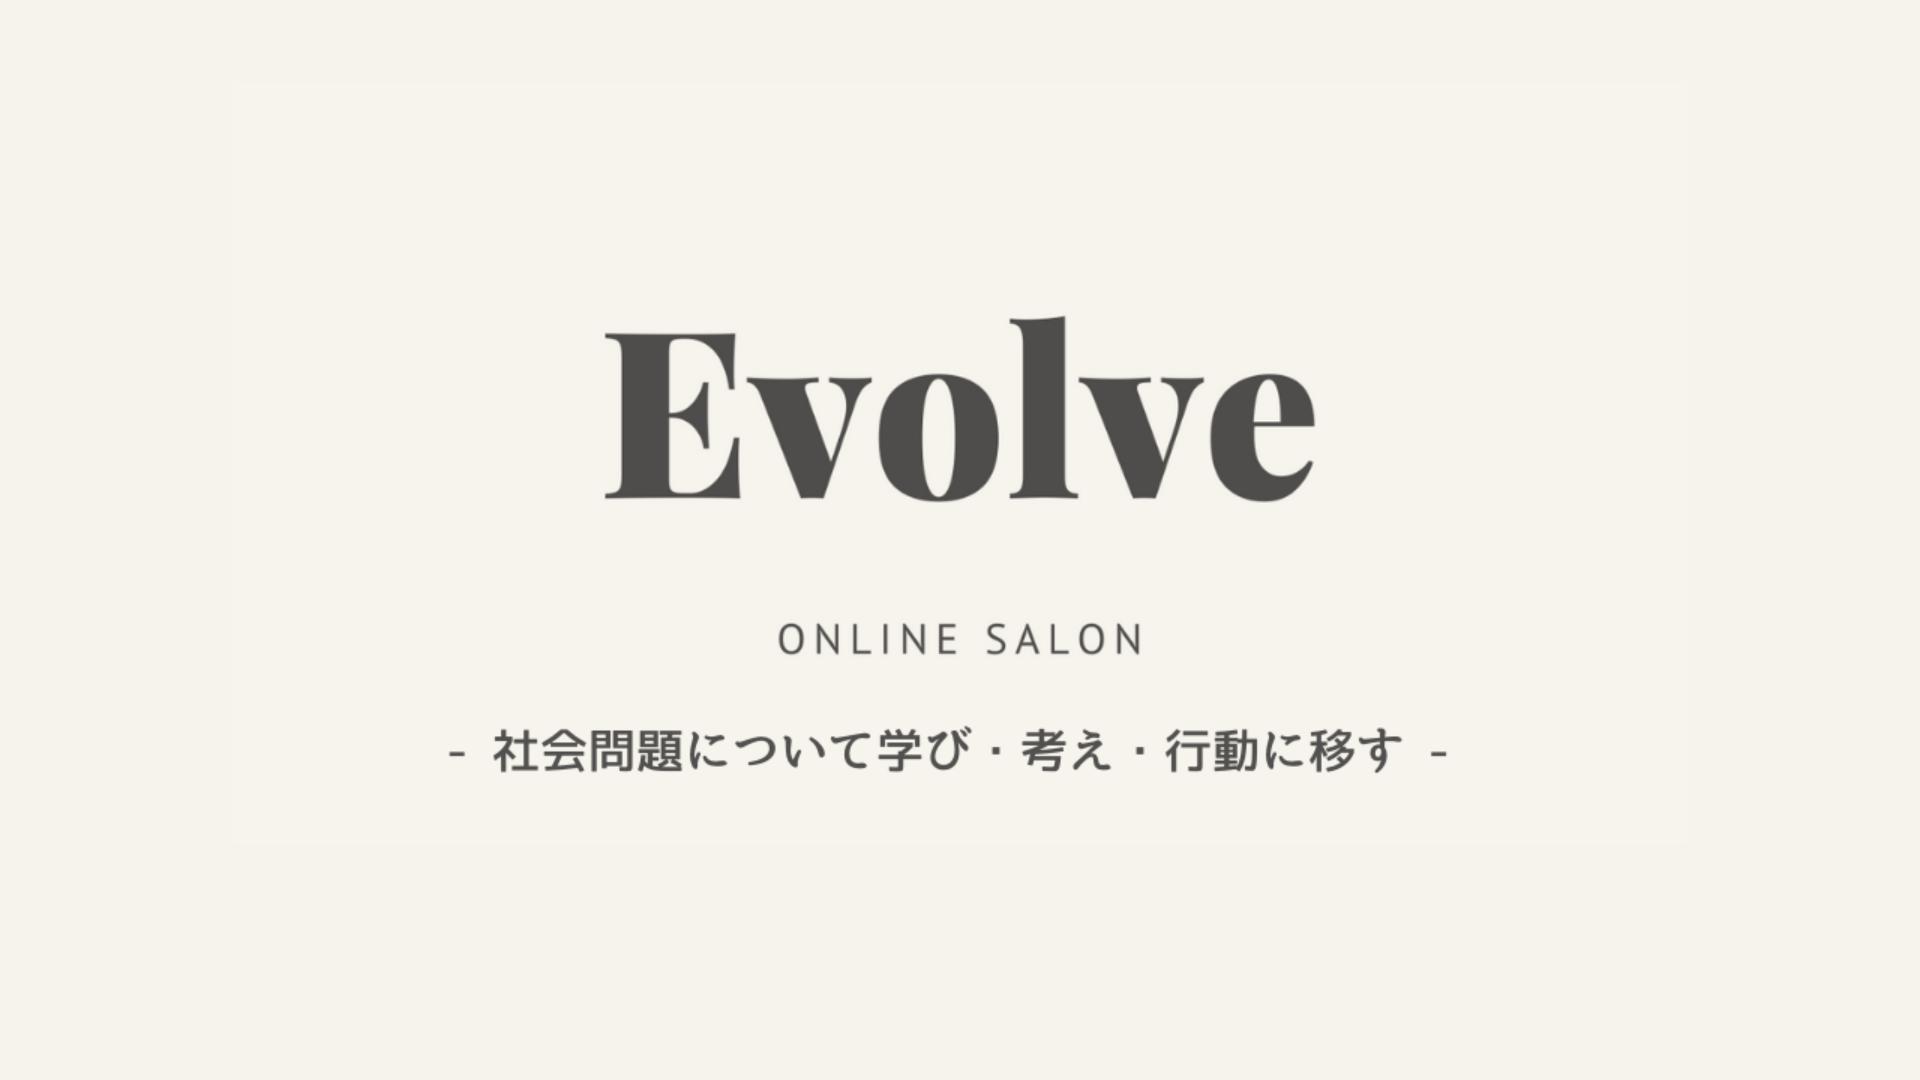 EVOLVE -社会問題について学び・行動するオンラインコミュニティ-